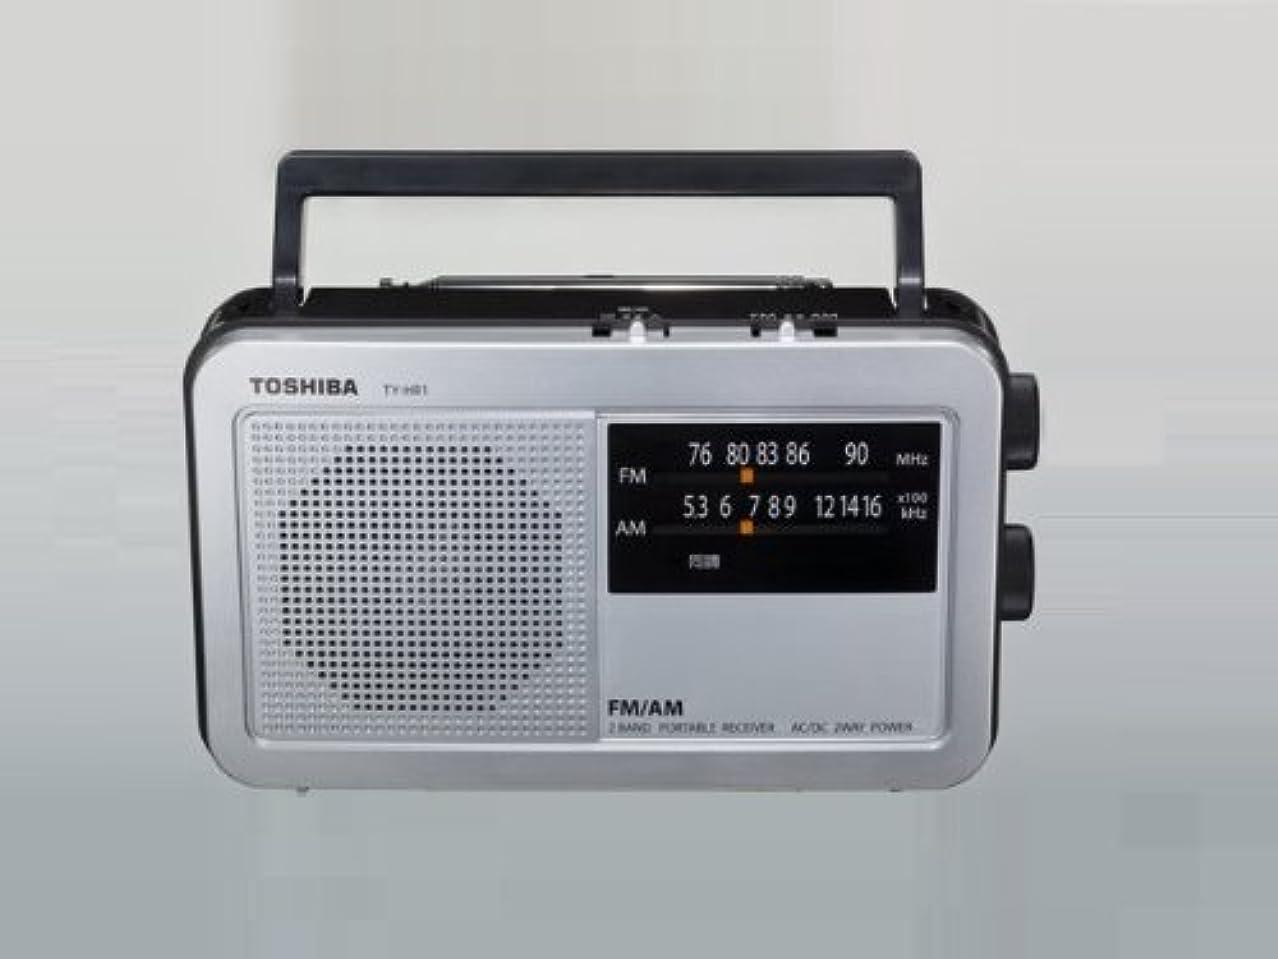 ファンネルウェブスパイダーみがきます曇った東芝 ラジオ TY-HR1